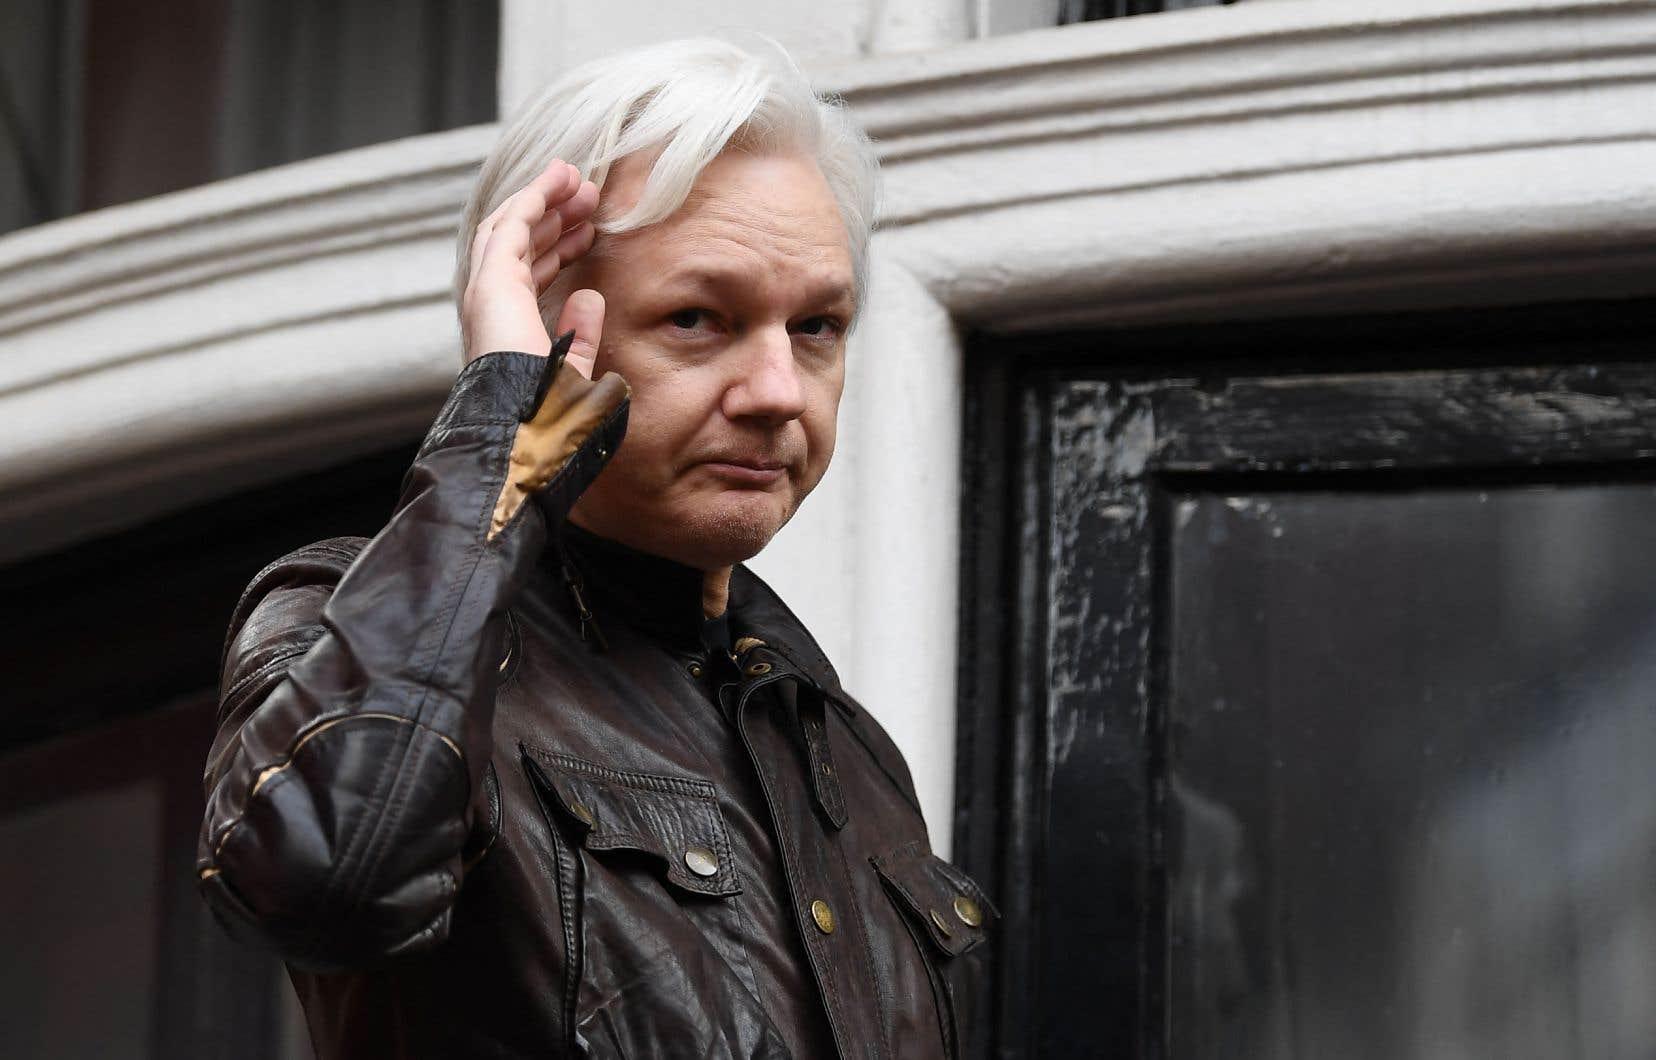 La justice britannique étend le champ de l'appel américain contre le refus d'extradition de Julian Assange